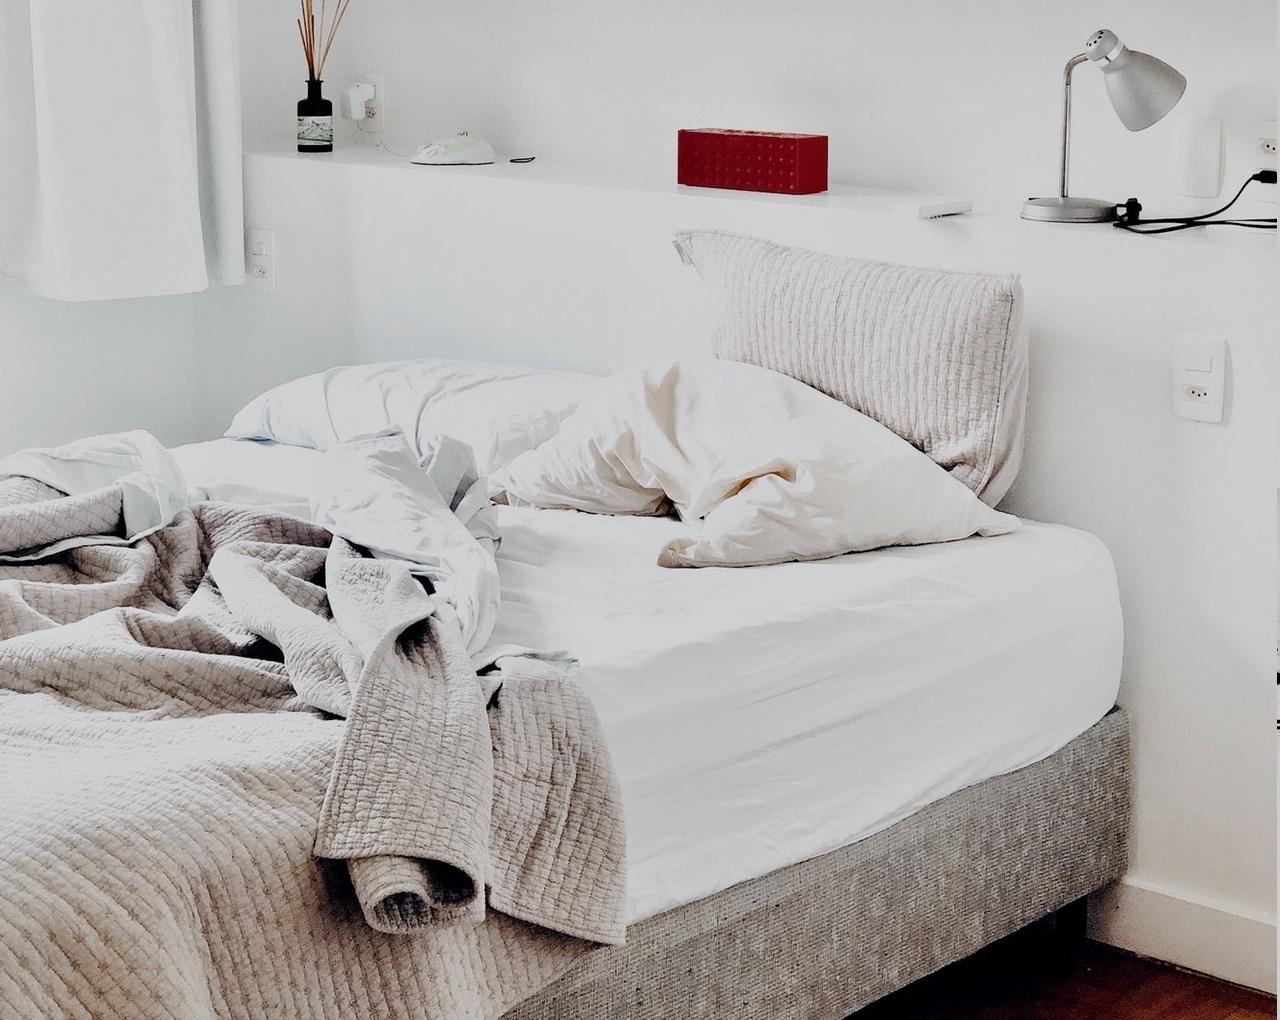 Crea La Tua Camera Ikea il catalogo ikea 2020: 12 cose che non vediamo l'ora di ordinare